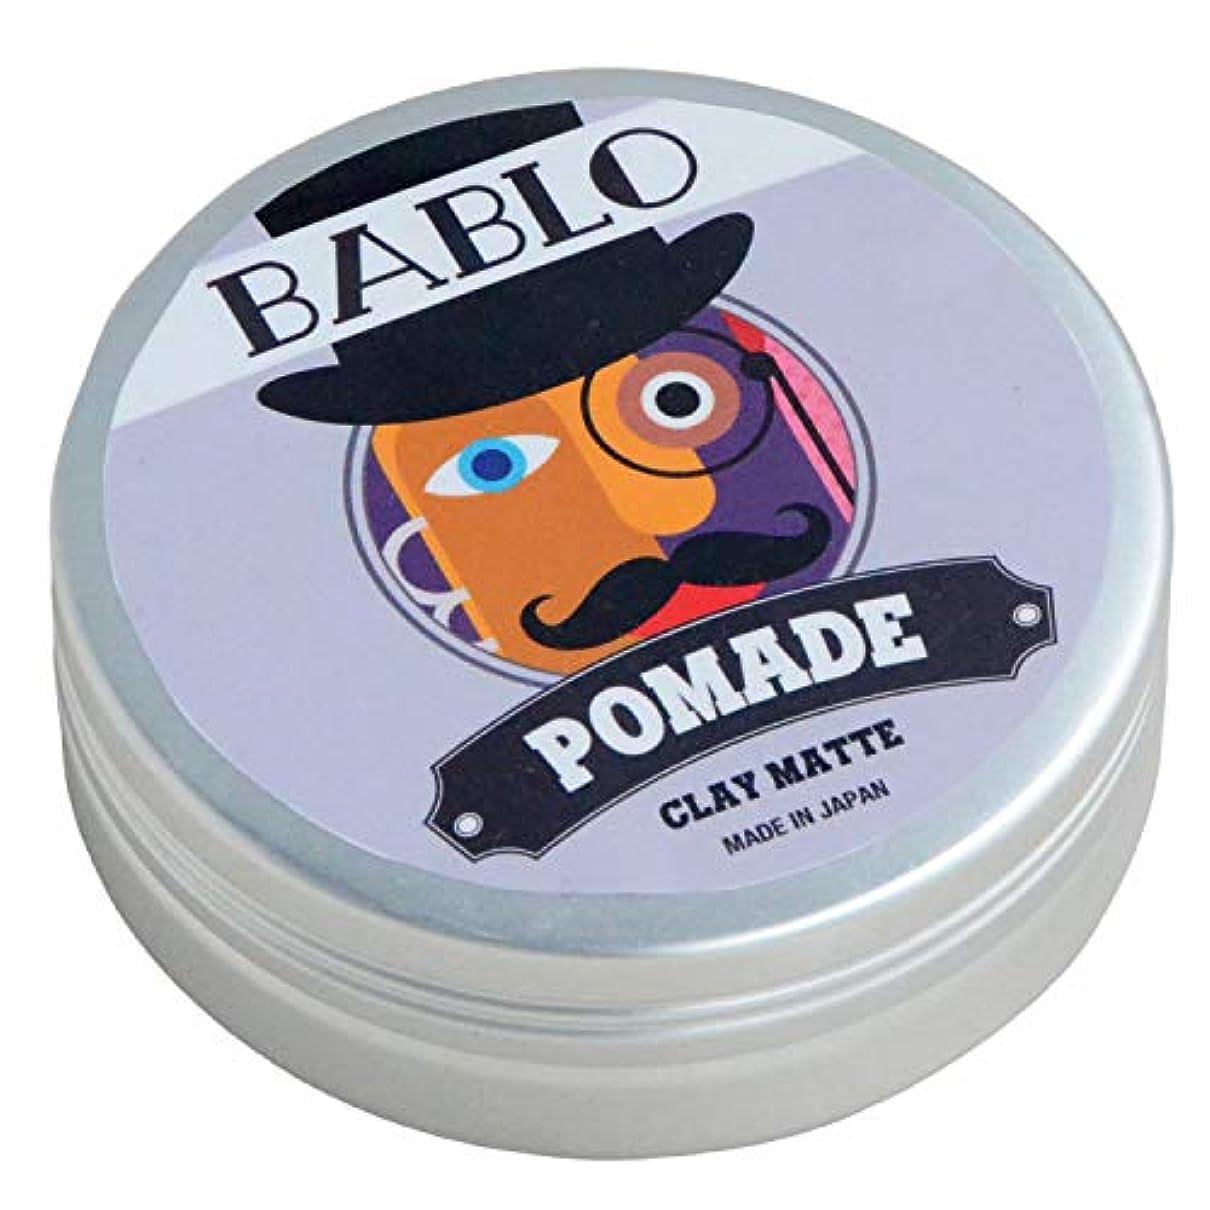 敗北ビルダーそんなにバブロ ポマード(BABLO POMADE) クレイマット ヘアワックス メンズ 整髪料 水性 ヘアグリース